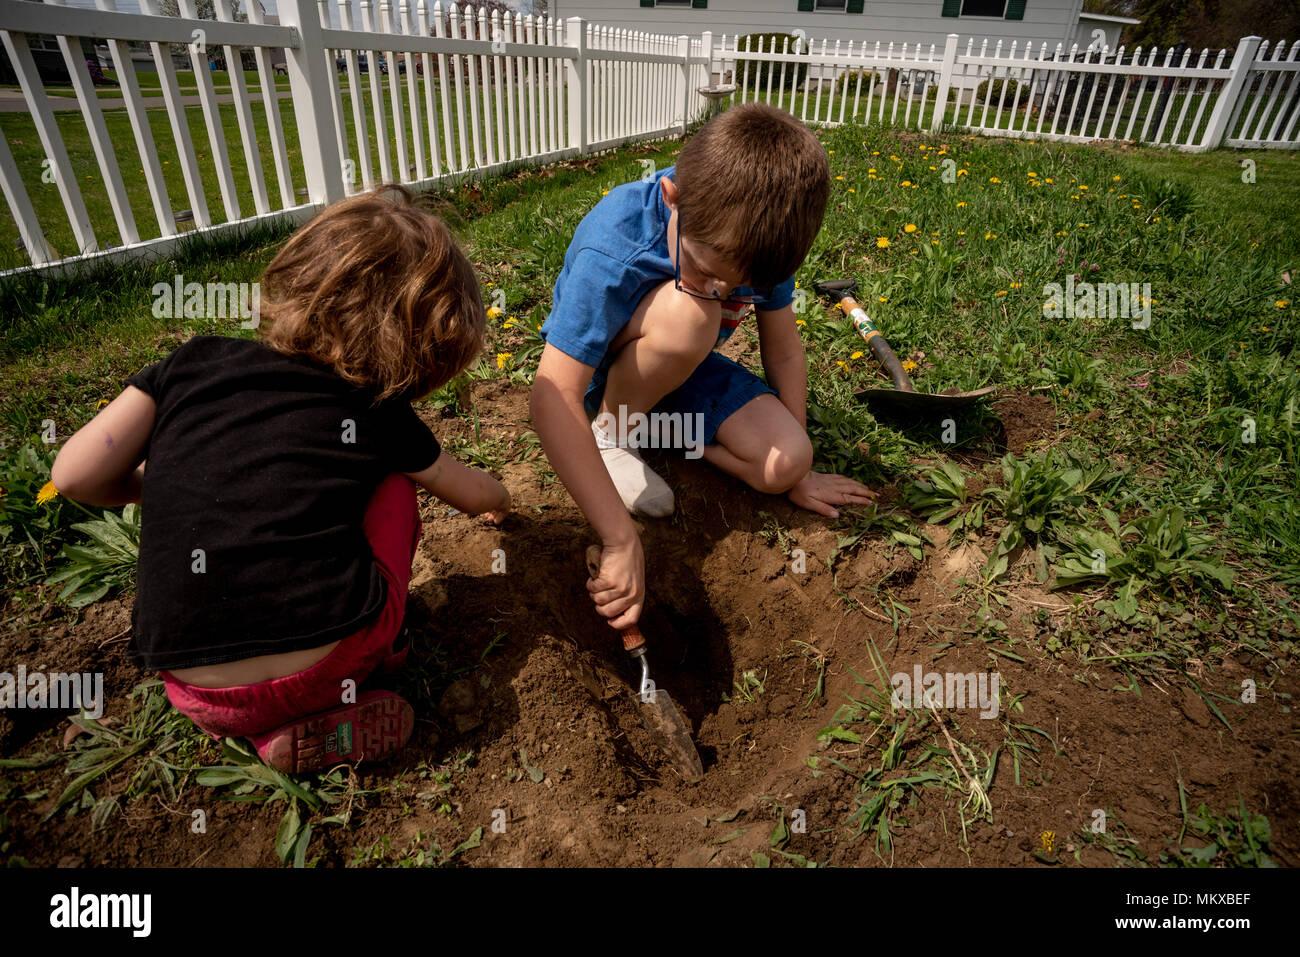 Deux enfants creuser dans la terre dans un jardin. Photo Stock